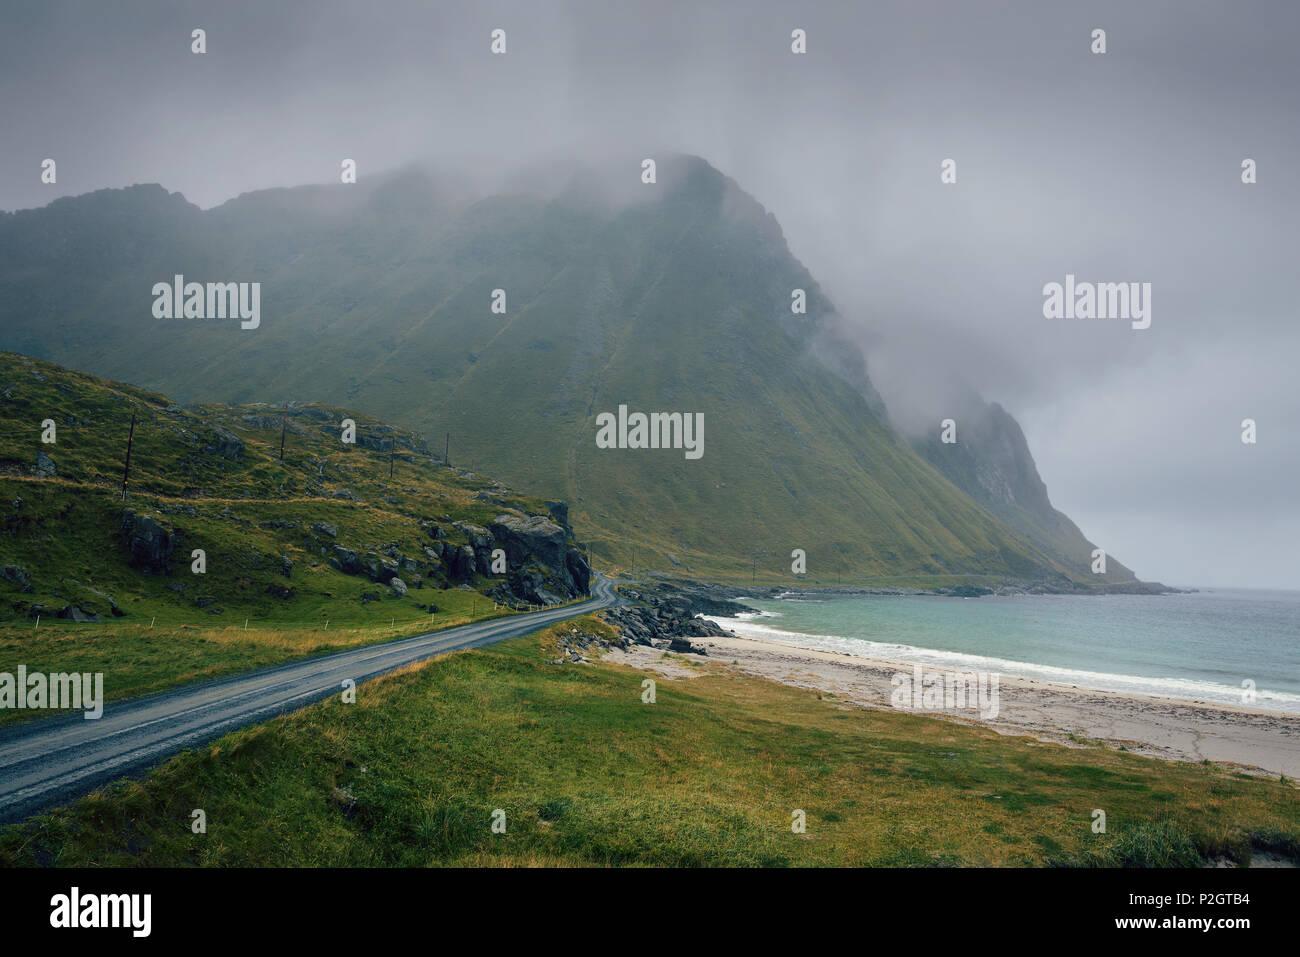 Carretera Escénica a lo largo de la costa de Noruega en un día de lluvia y niebla Foto de stock